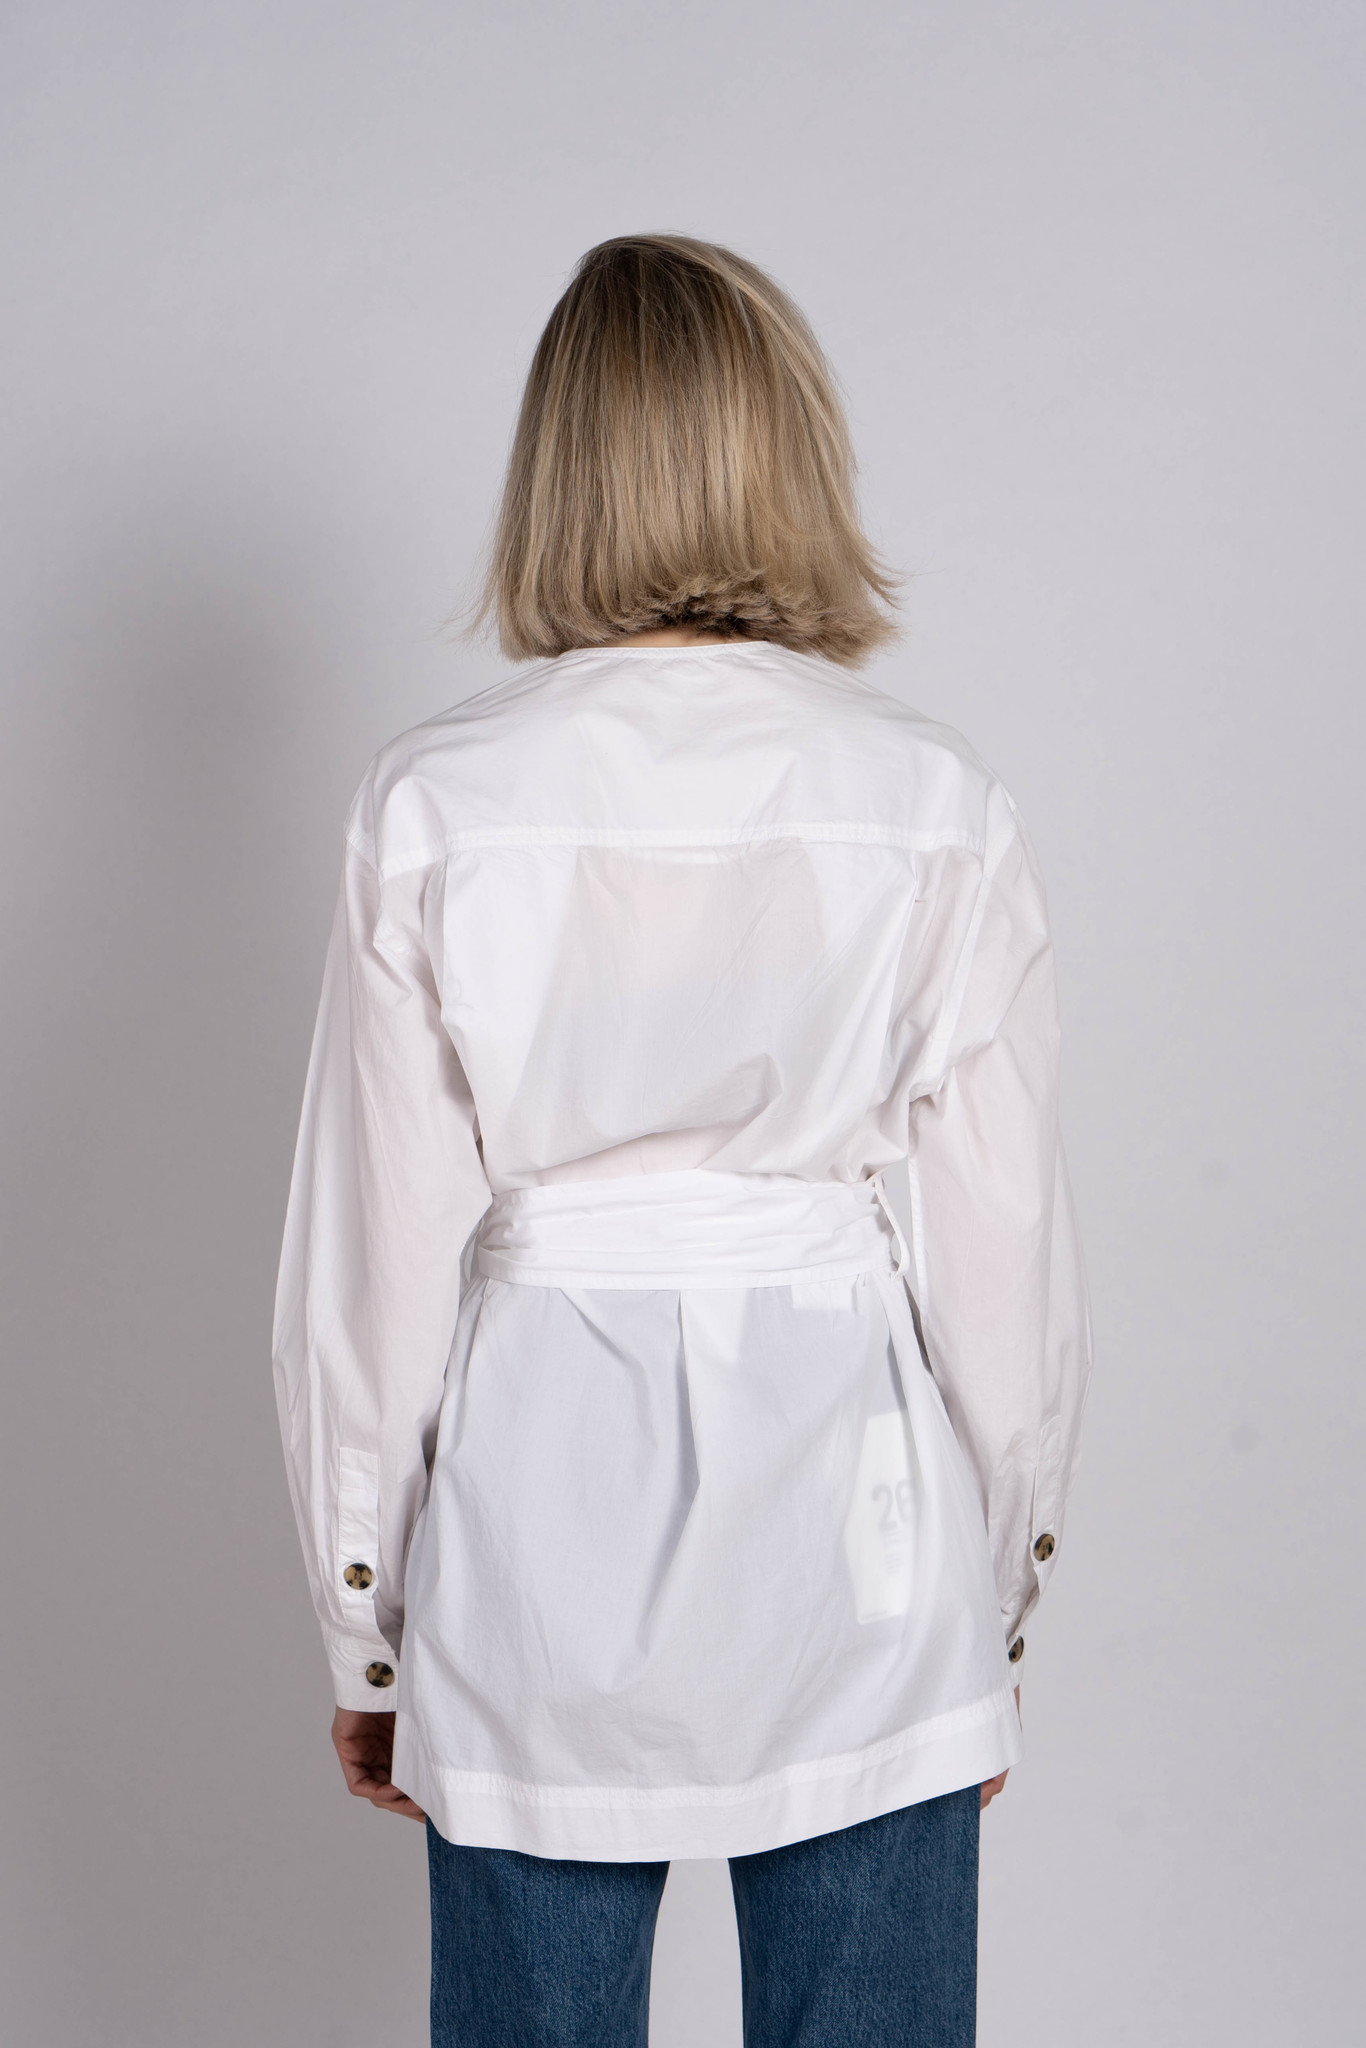 Neo Blouse White